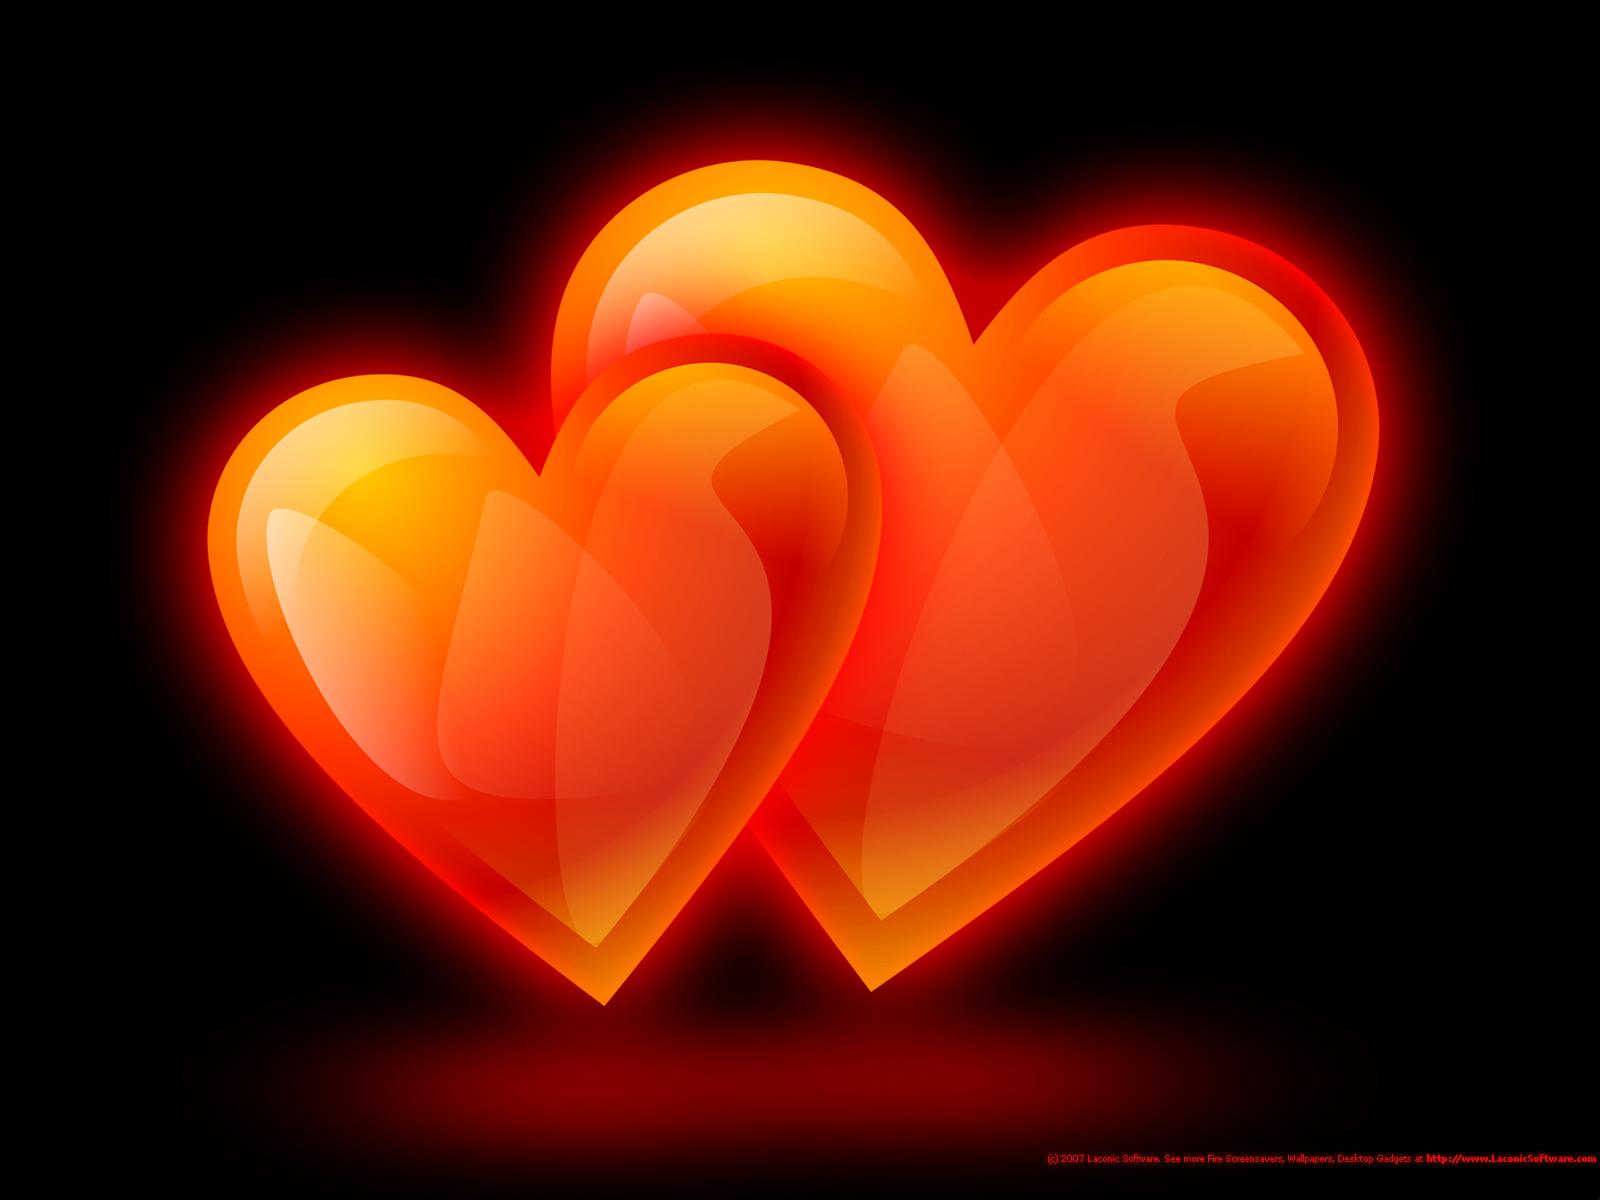 Papel De Parede Para Seu Celular: Papel De Parede De Amor